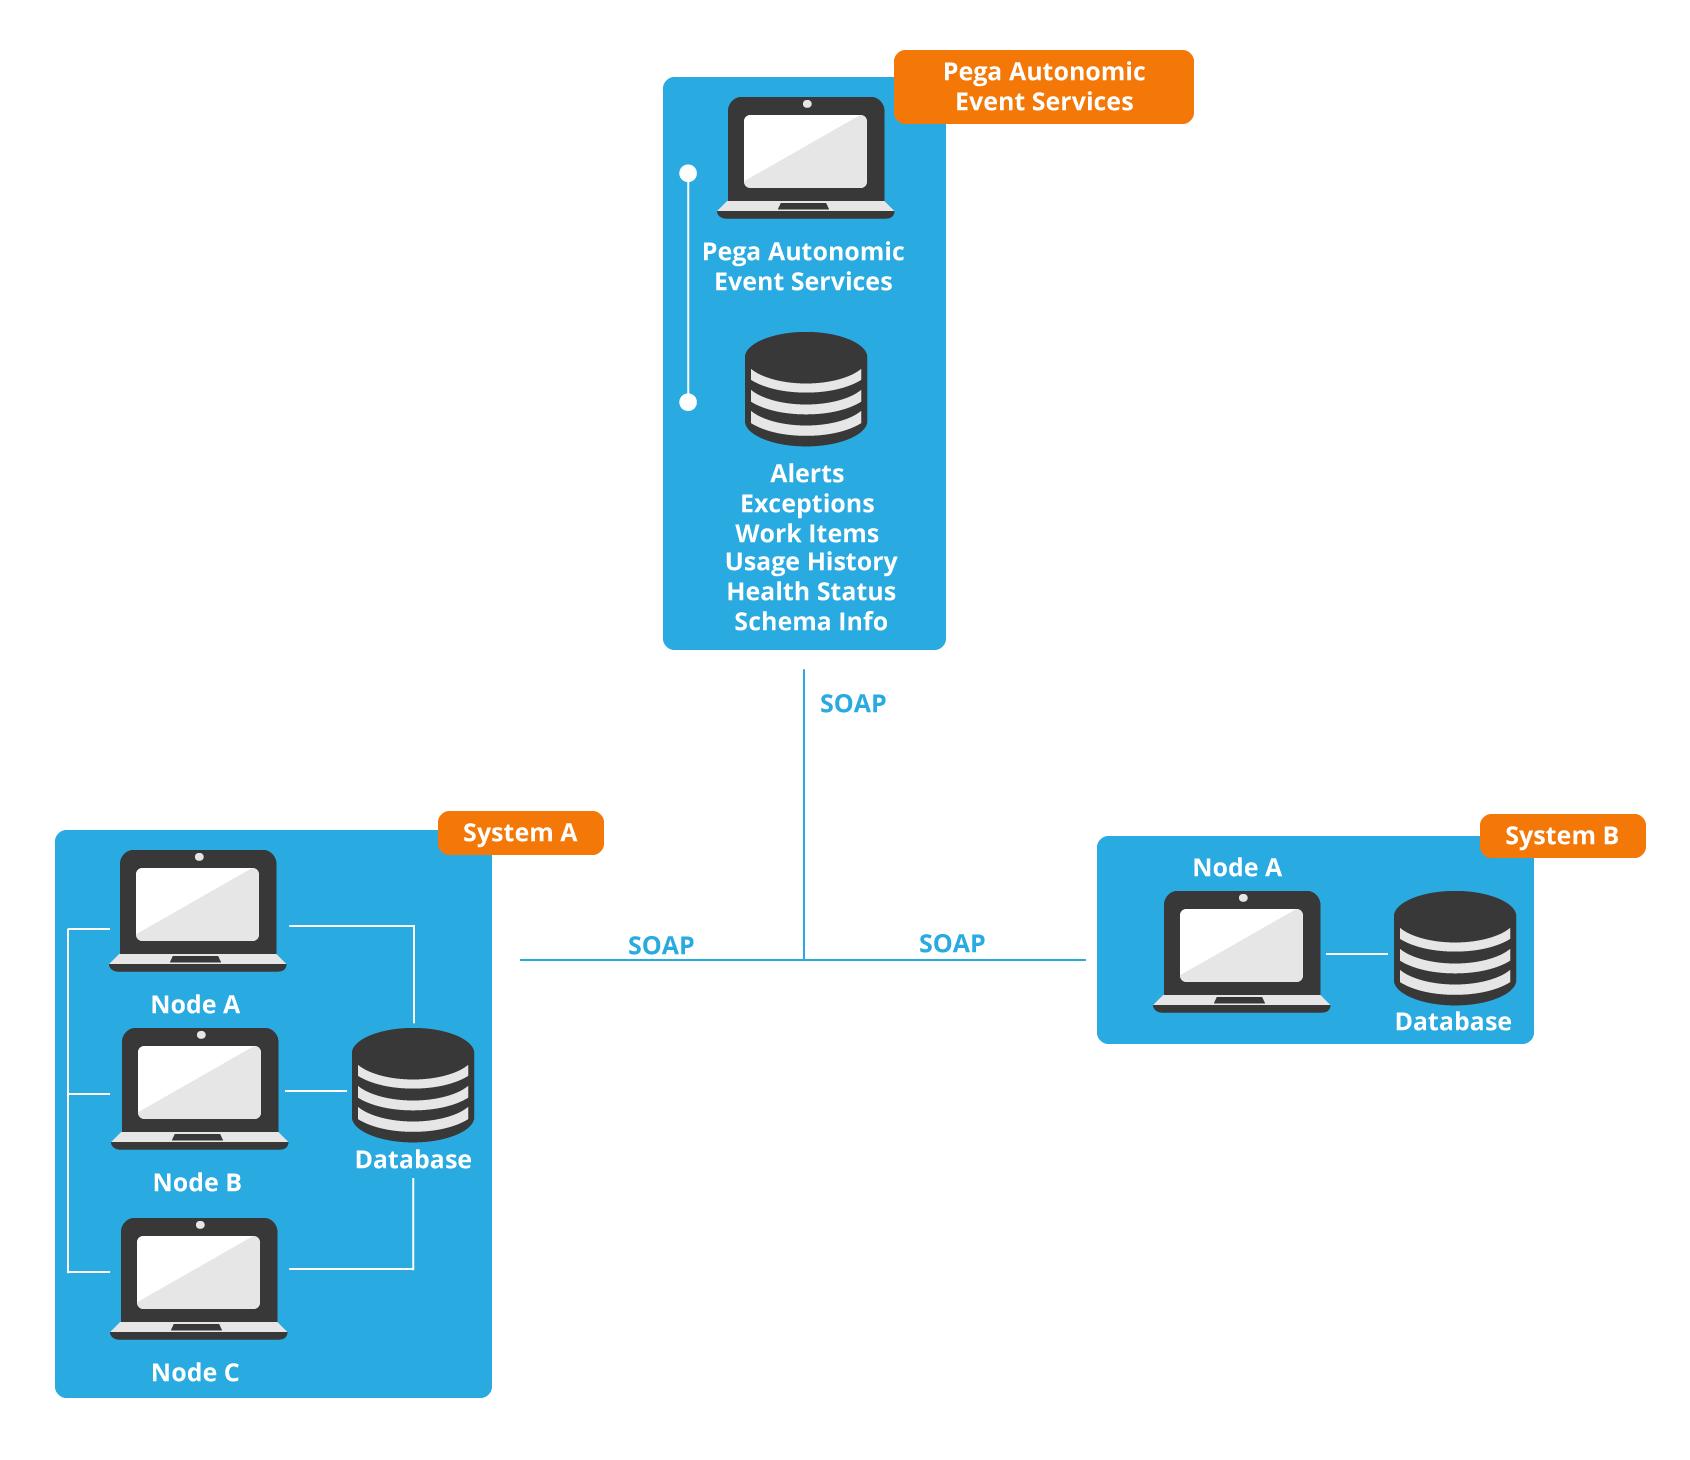 Pega Autonomic Event Services deployment overview